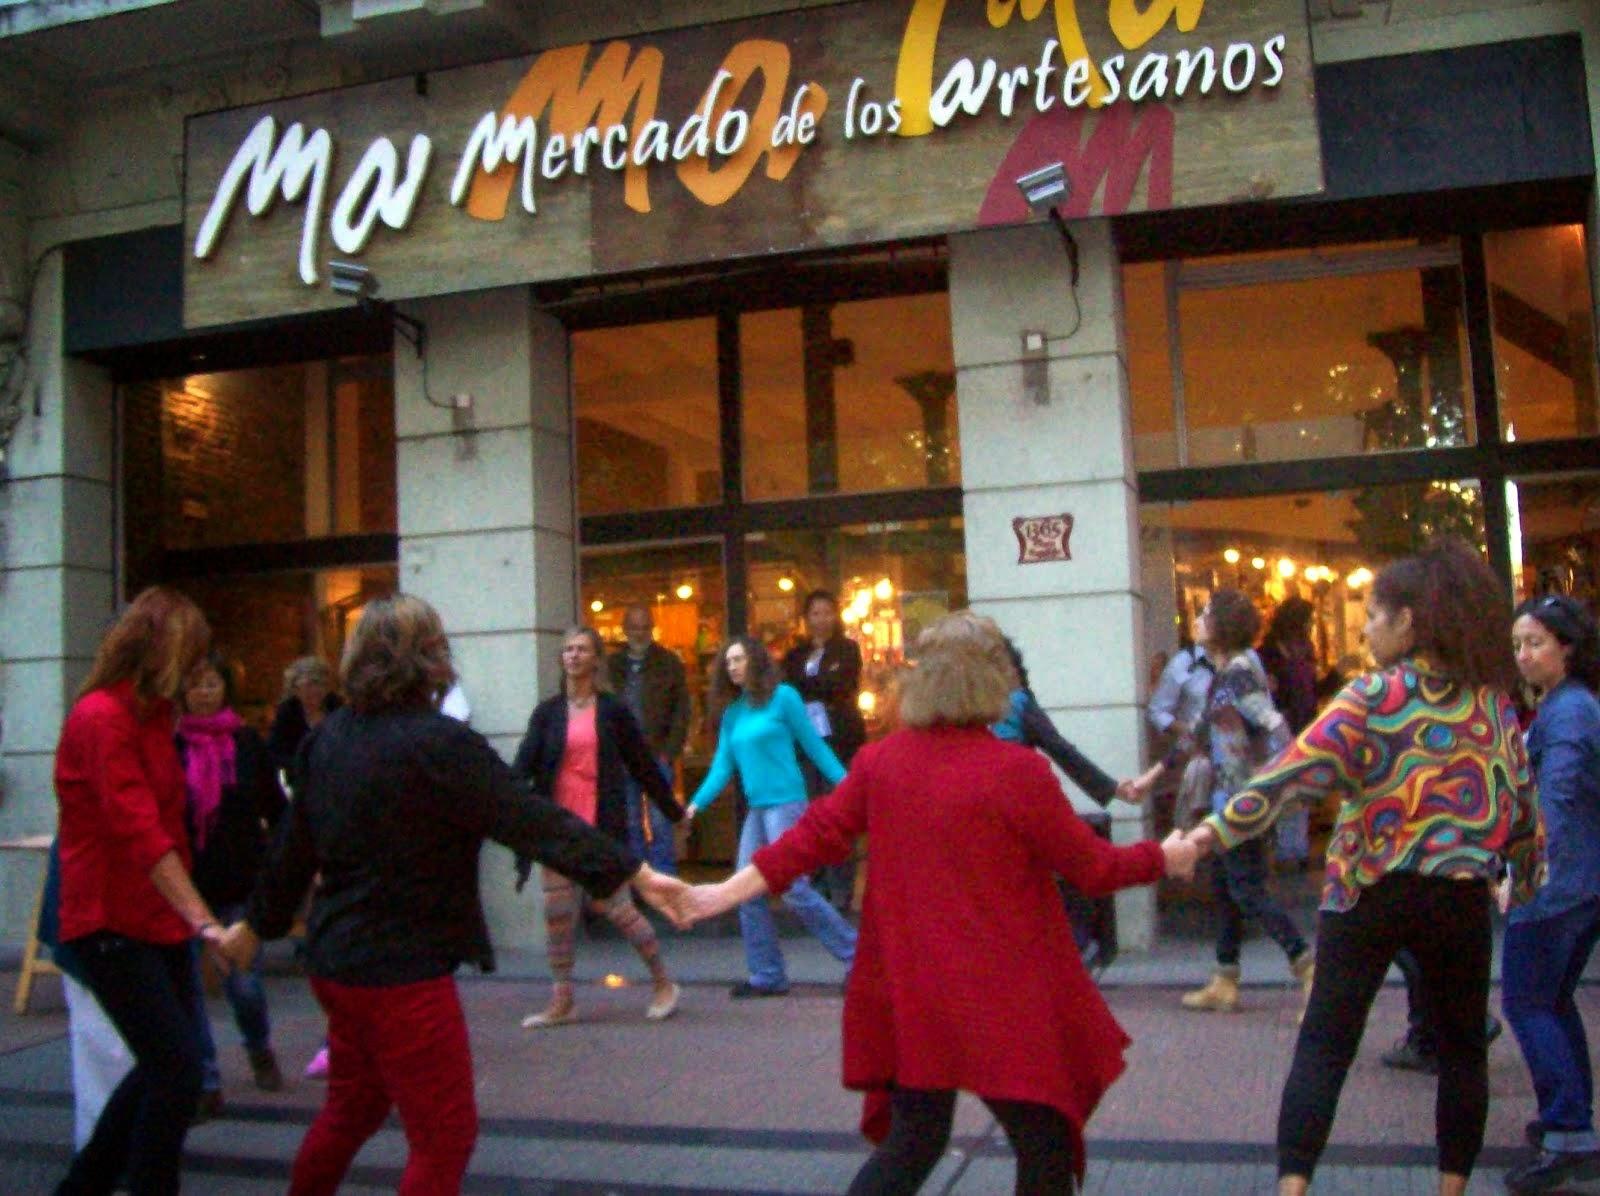 Danzas en el Mercado, noviembre 2014